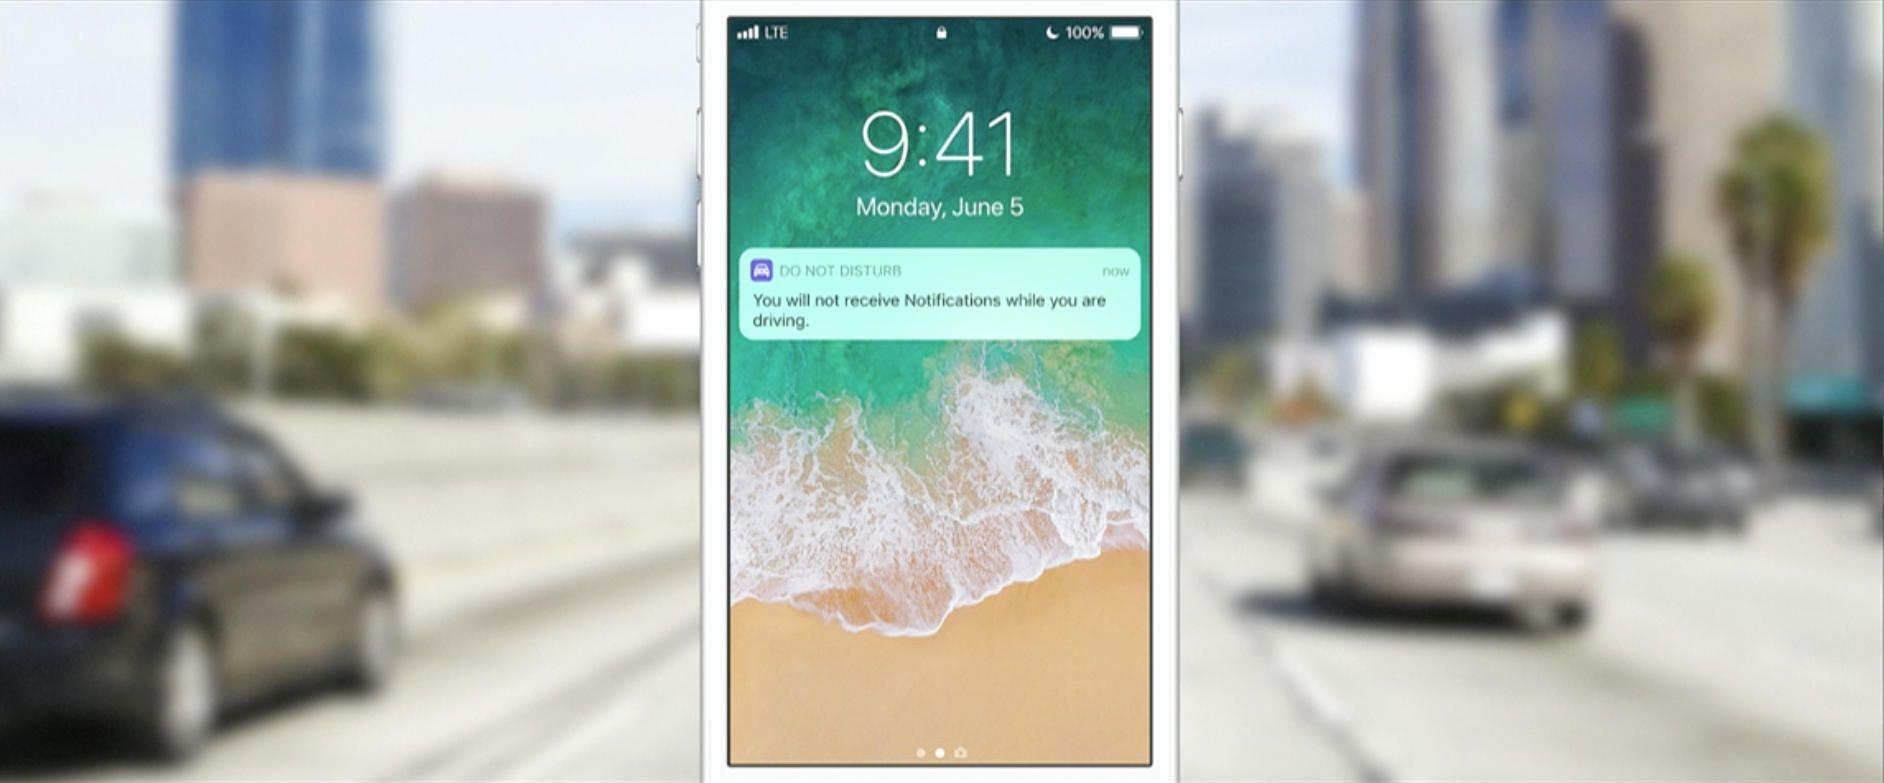 Apple, IOS 11, мода «не беспокоить на машине» наконец-то доступна!